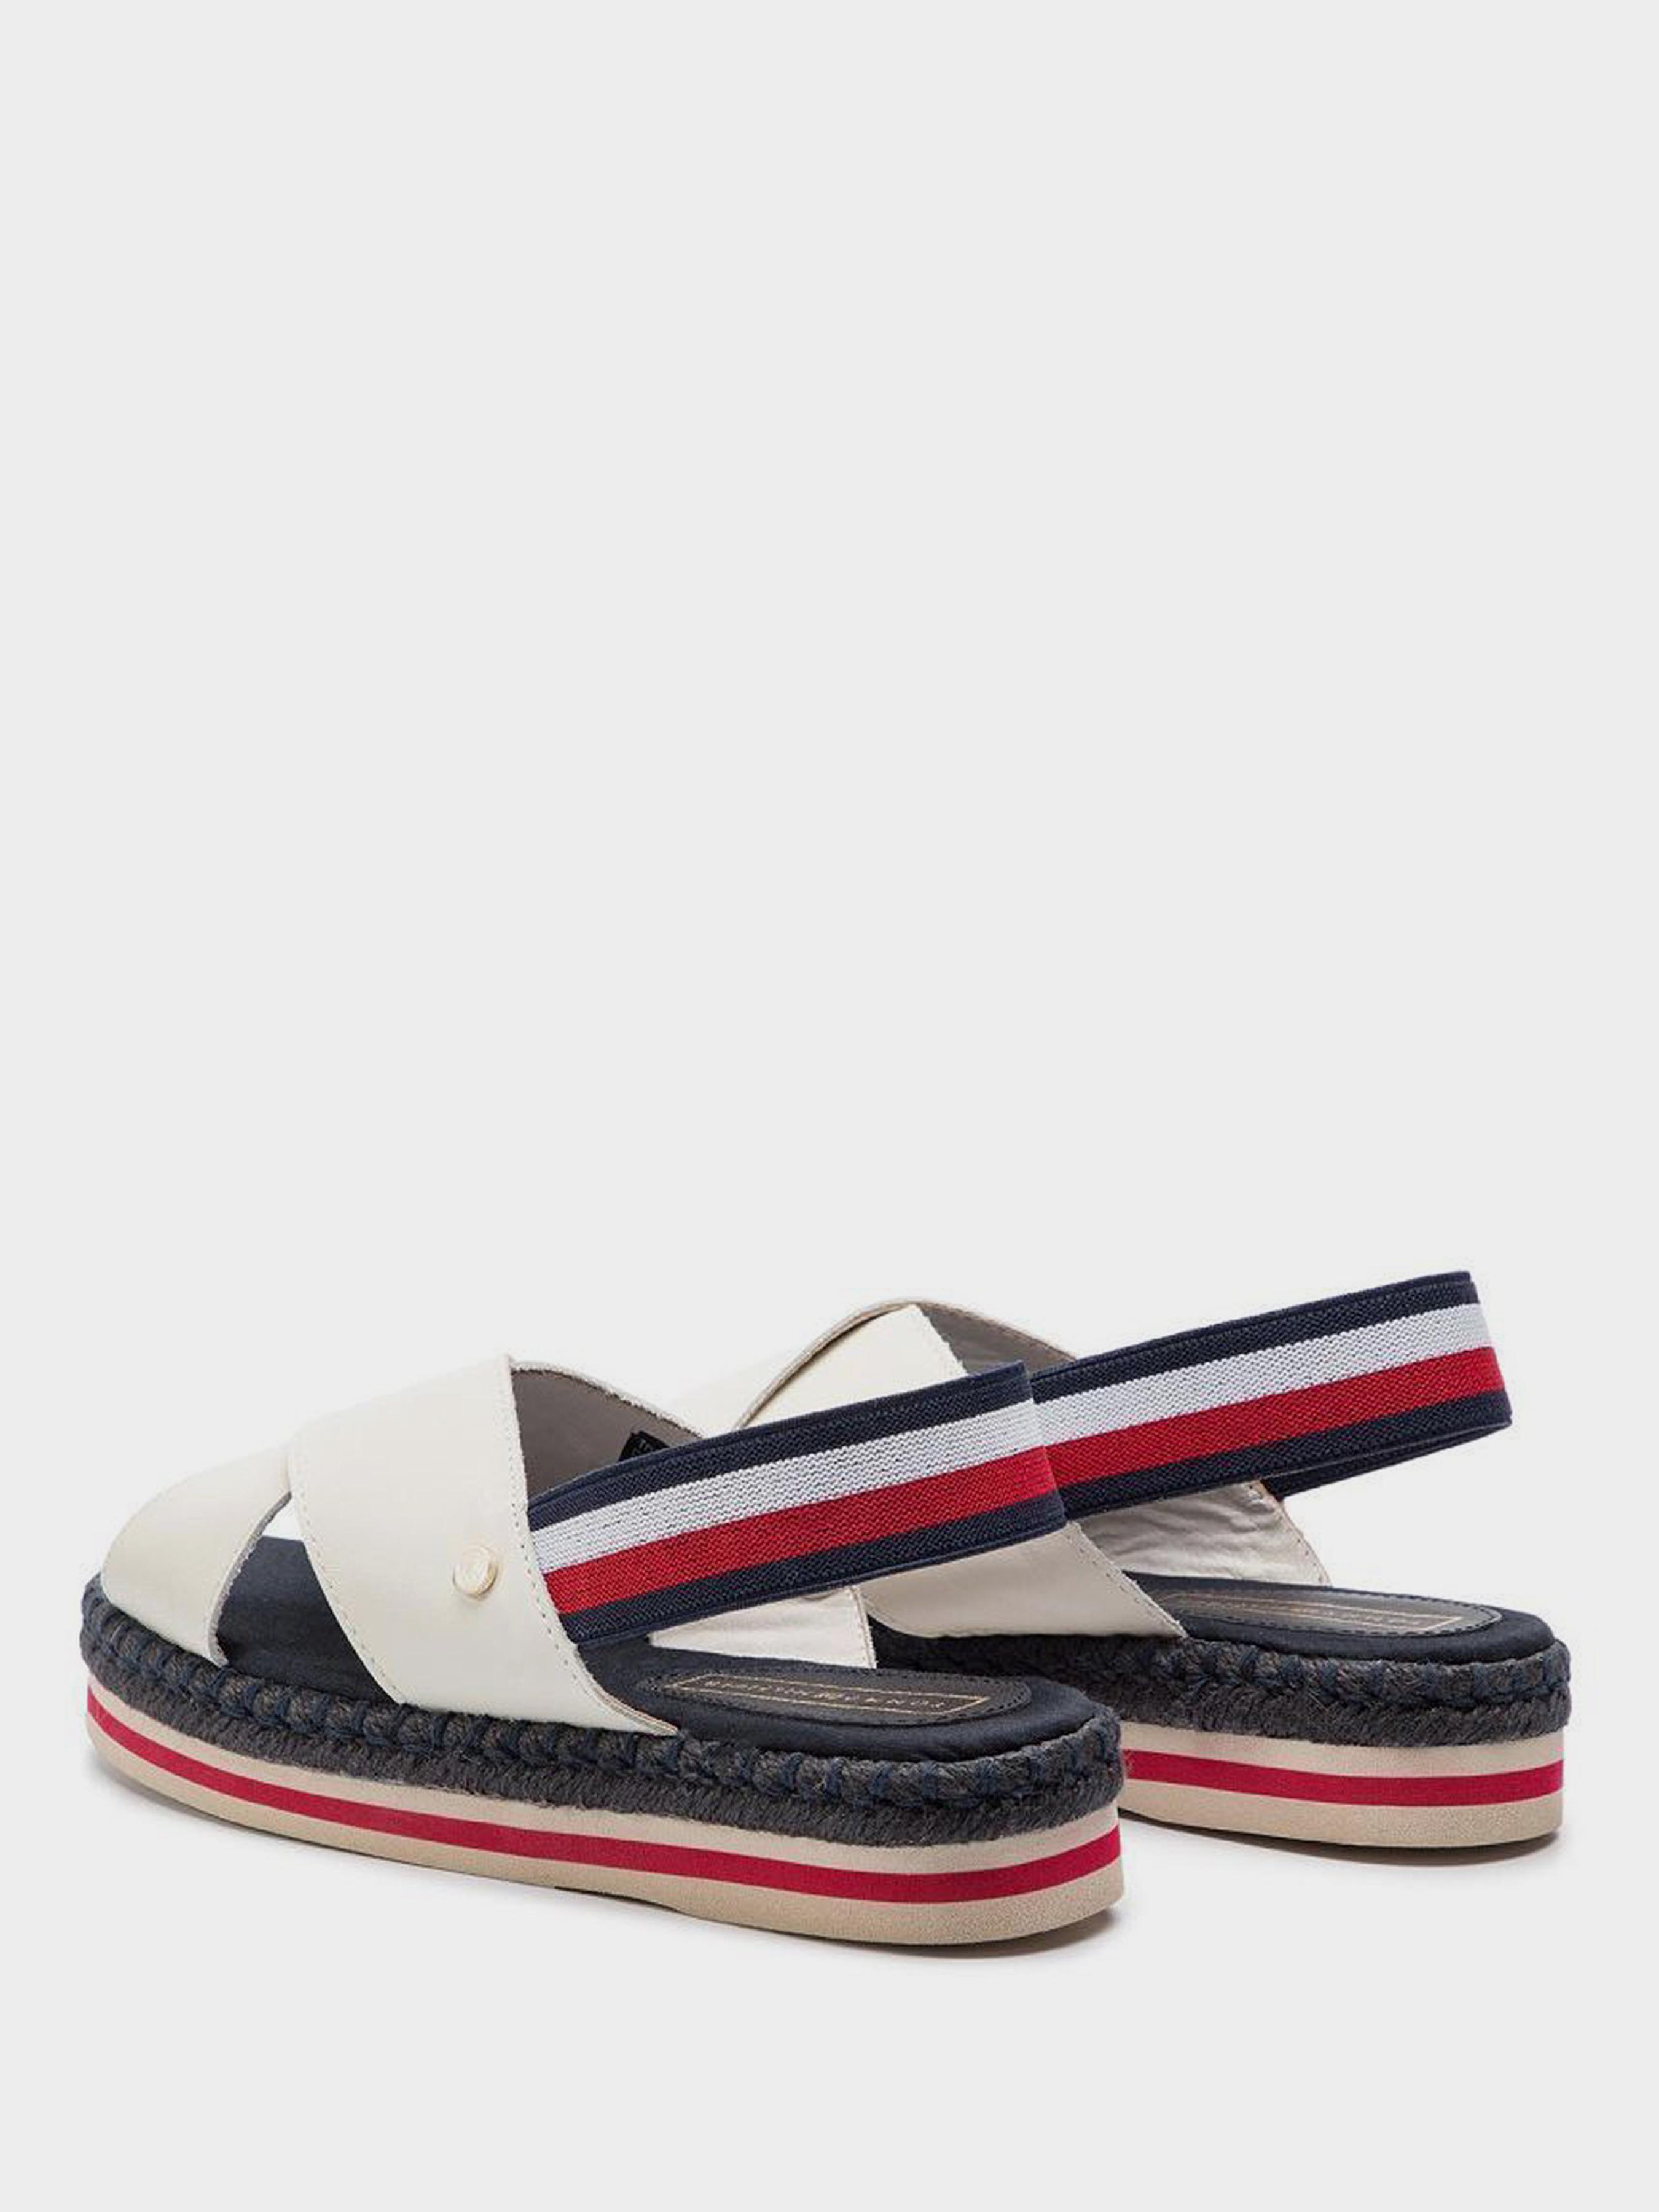 Сандалии женские Tommy Hilfiger TD1251 брендовая обувь, 2017